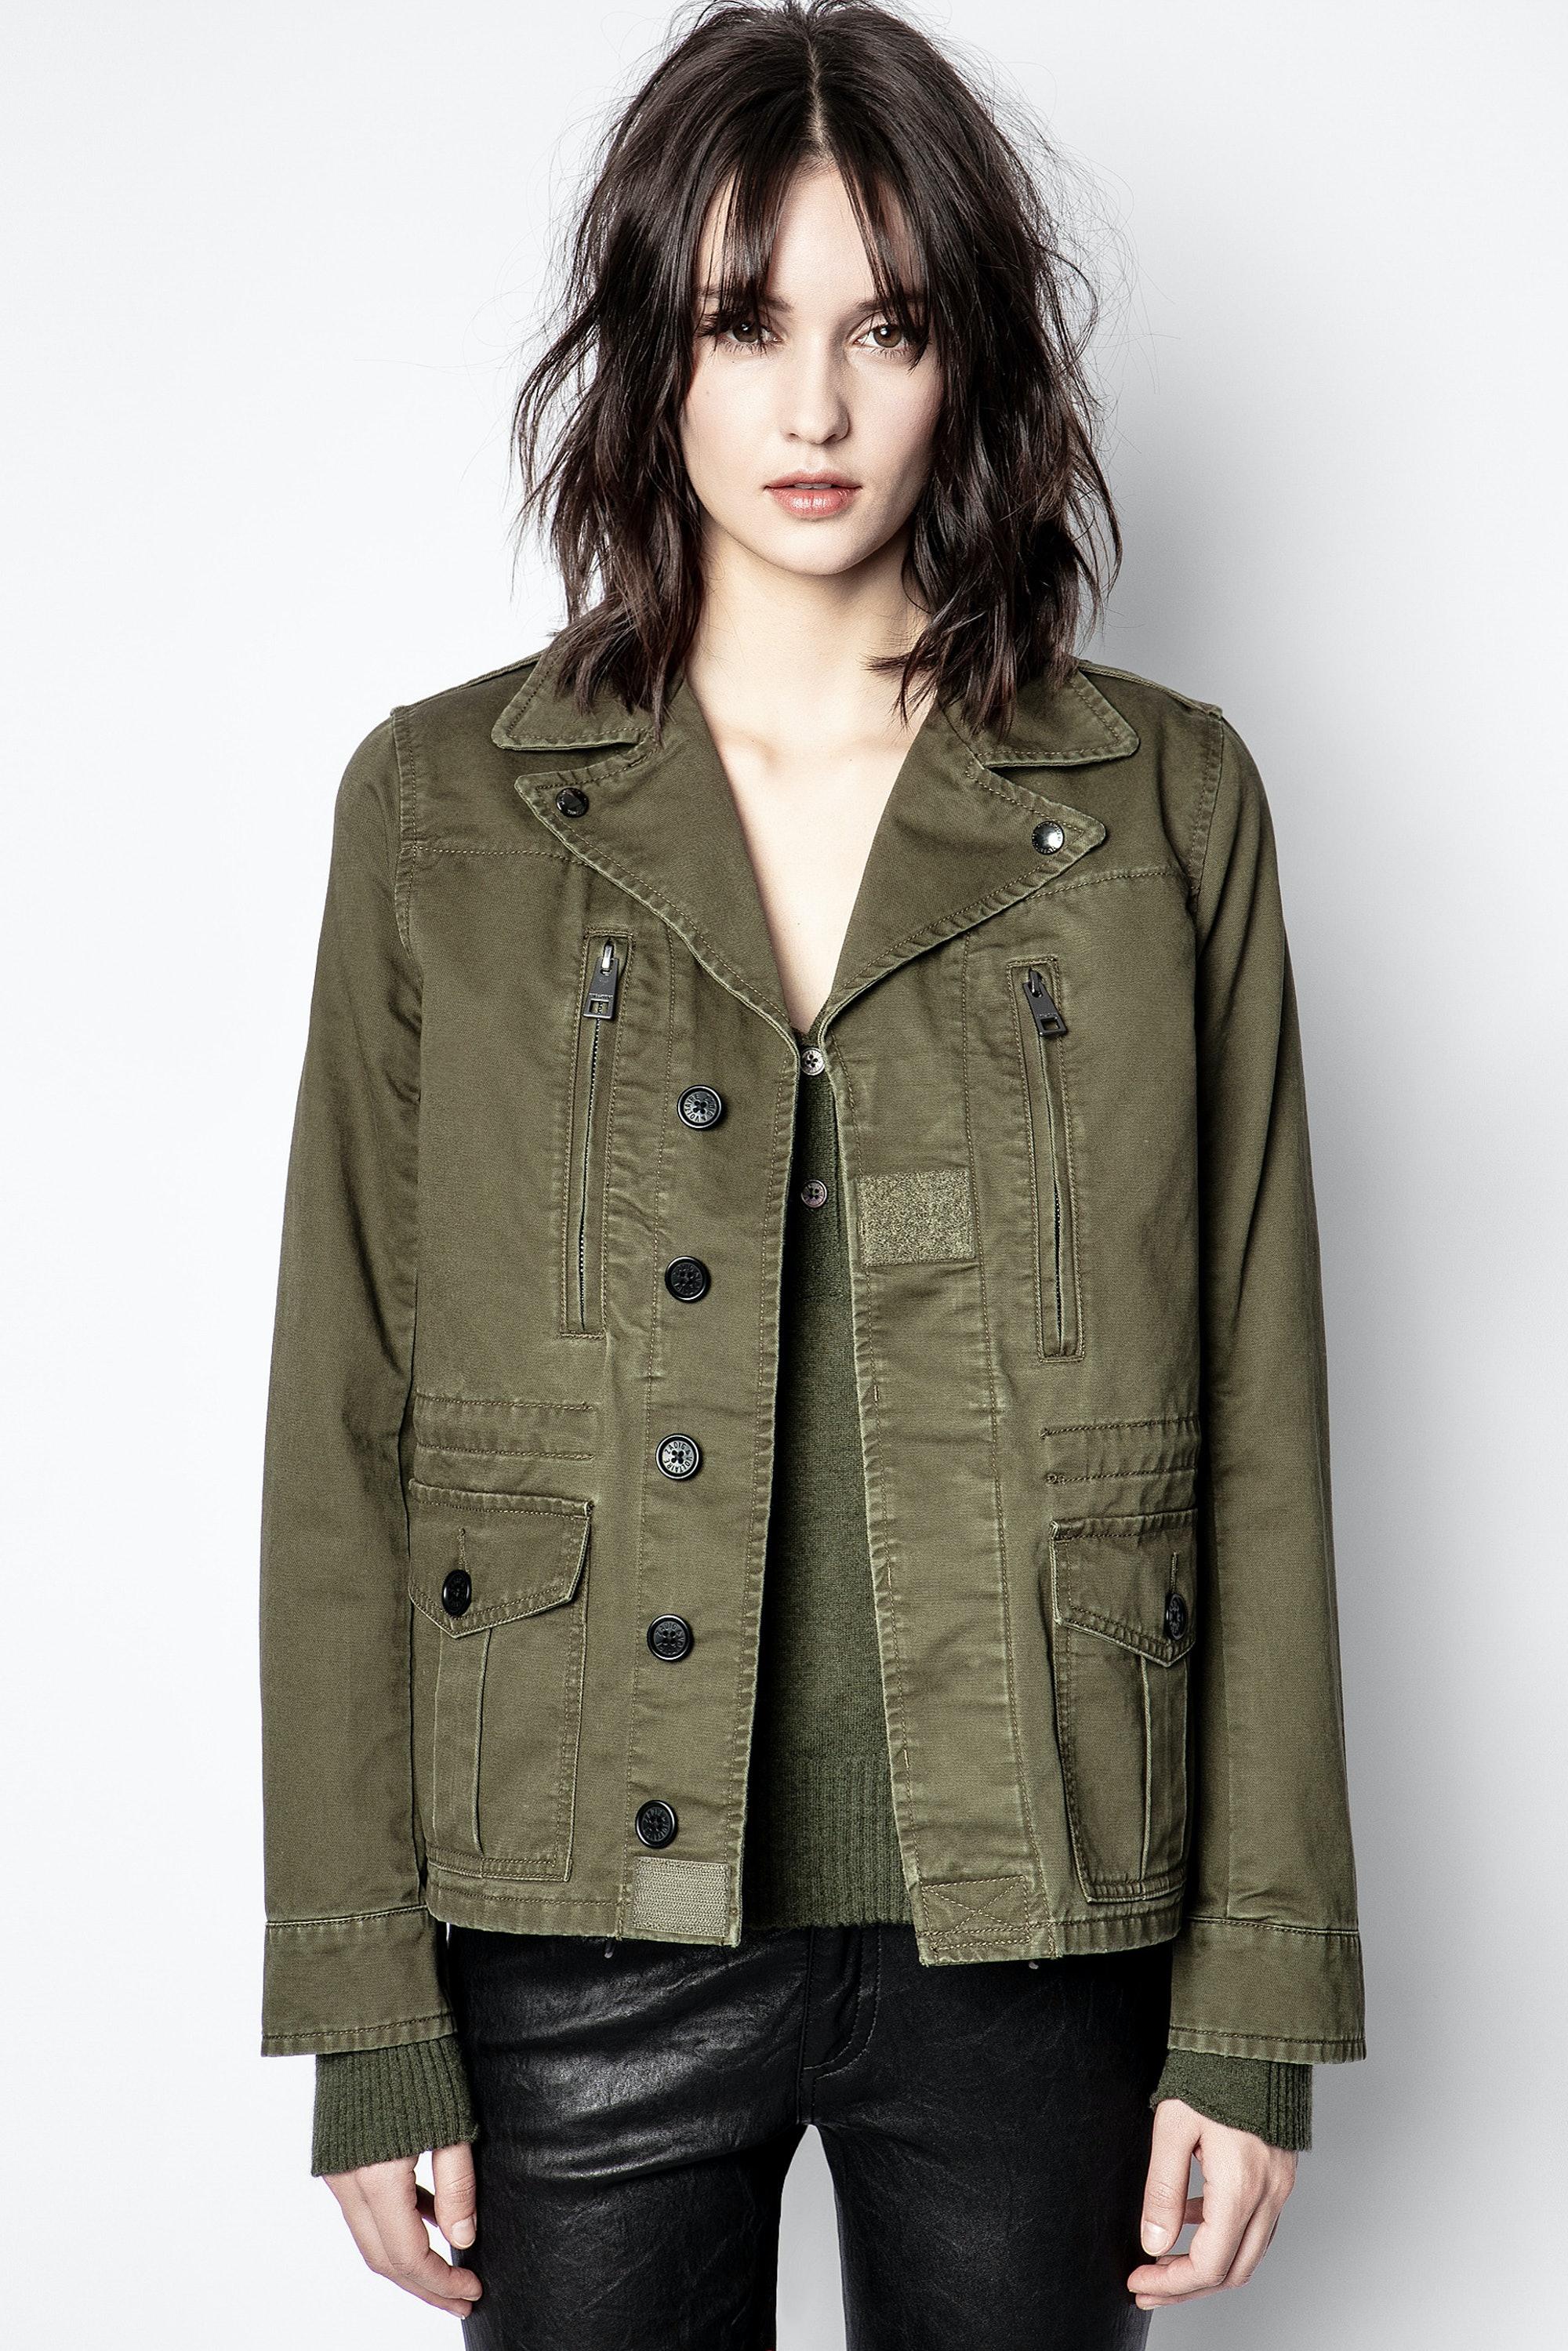 Klimi Jacket